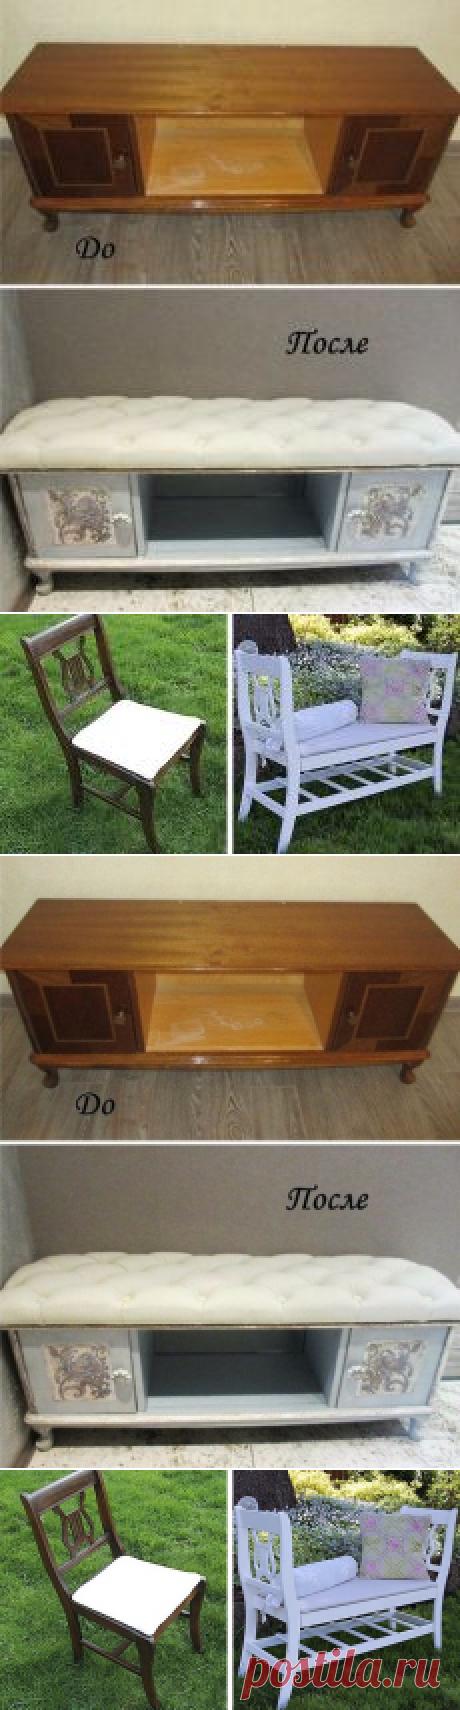 La búsqueda sobre el Postlimo: los rehacimientos de los muebles viejos